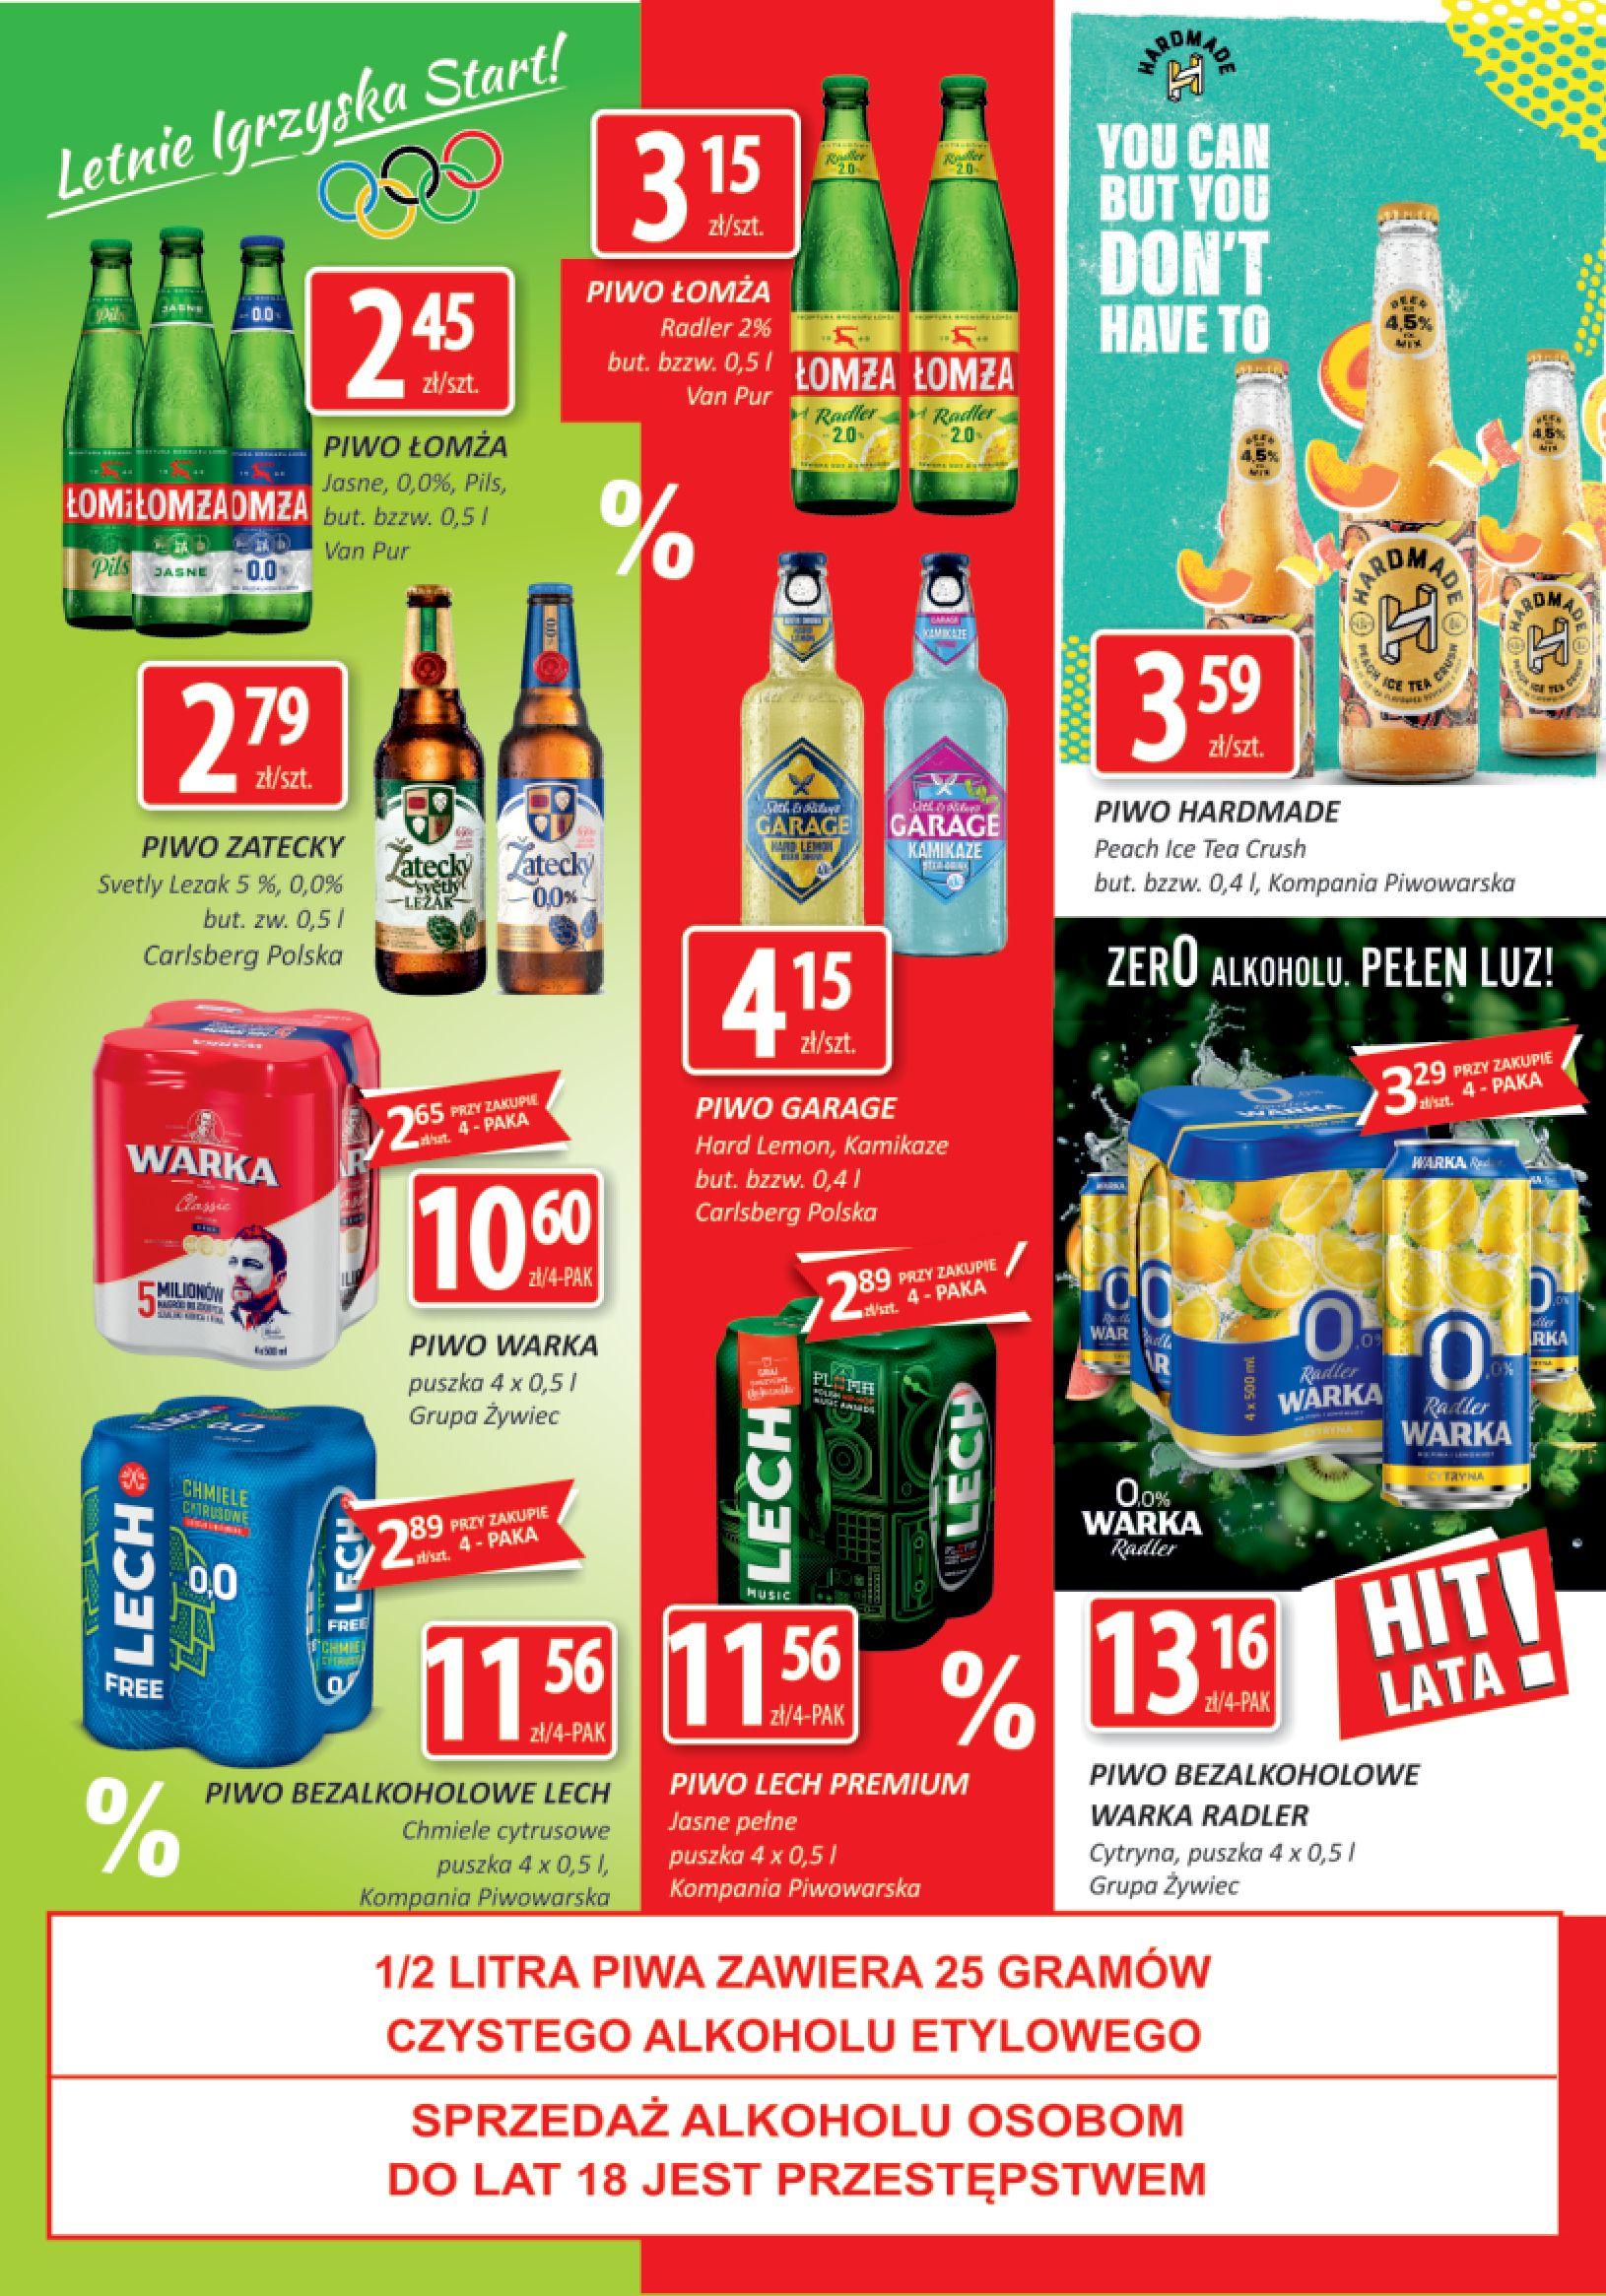 Gazetka Chorten: Gazetka Chorten - Podlasie 2021-07-22 page-7